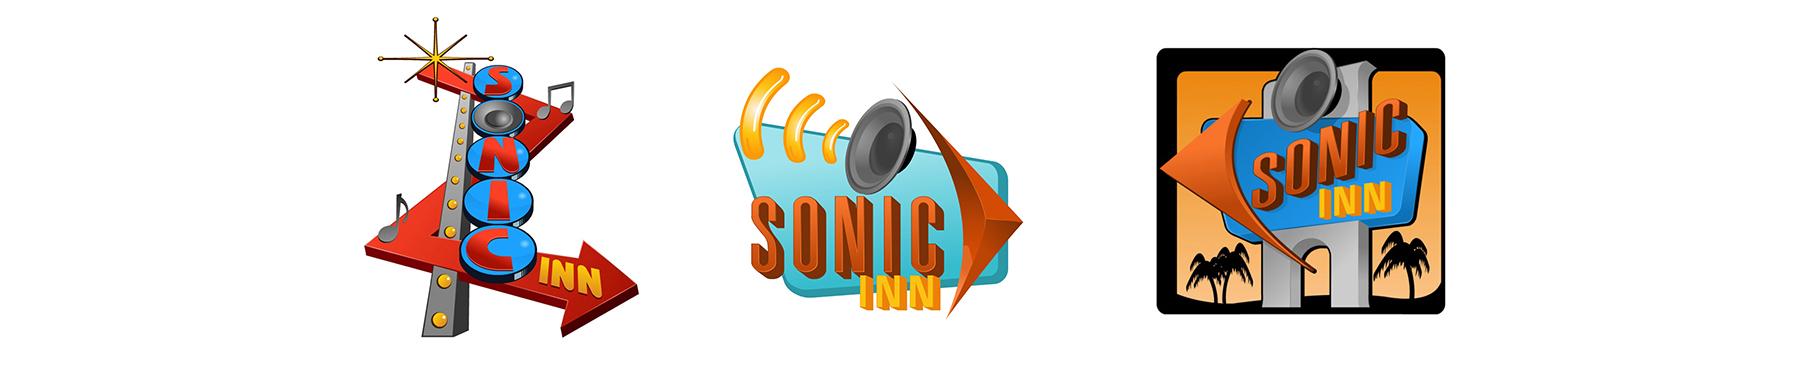 sonic inn.jpg